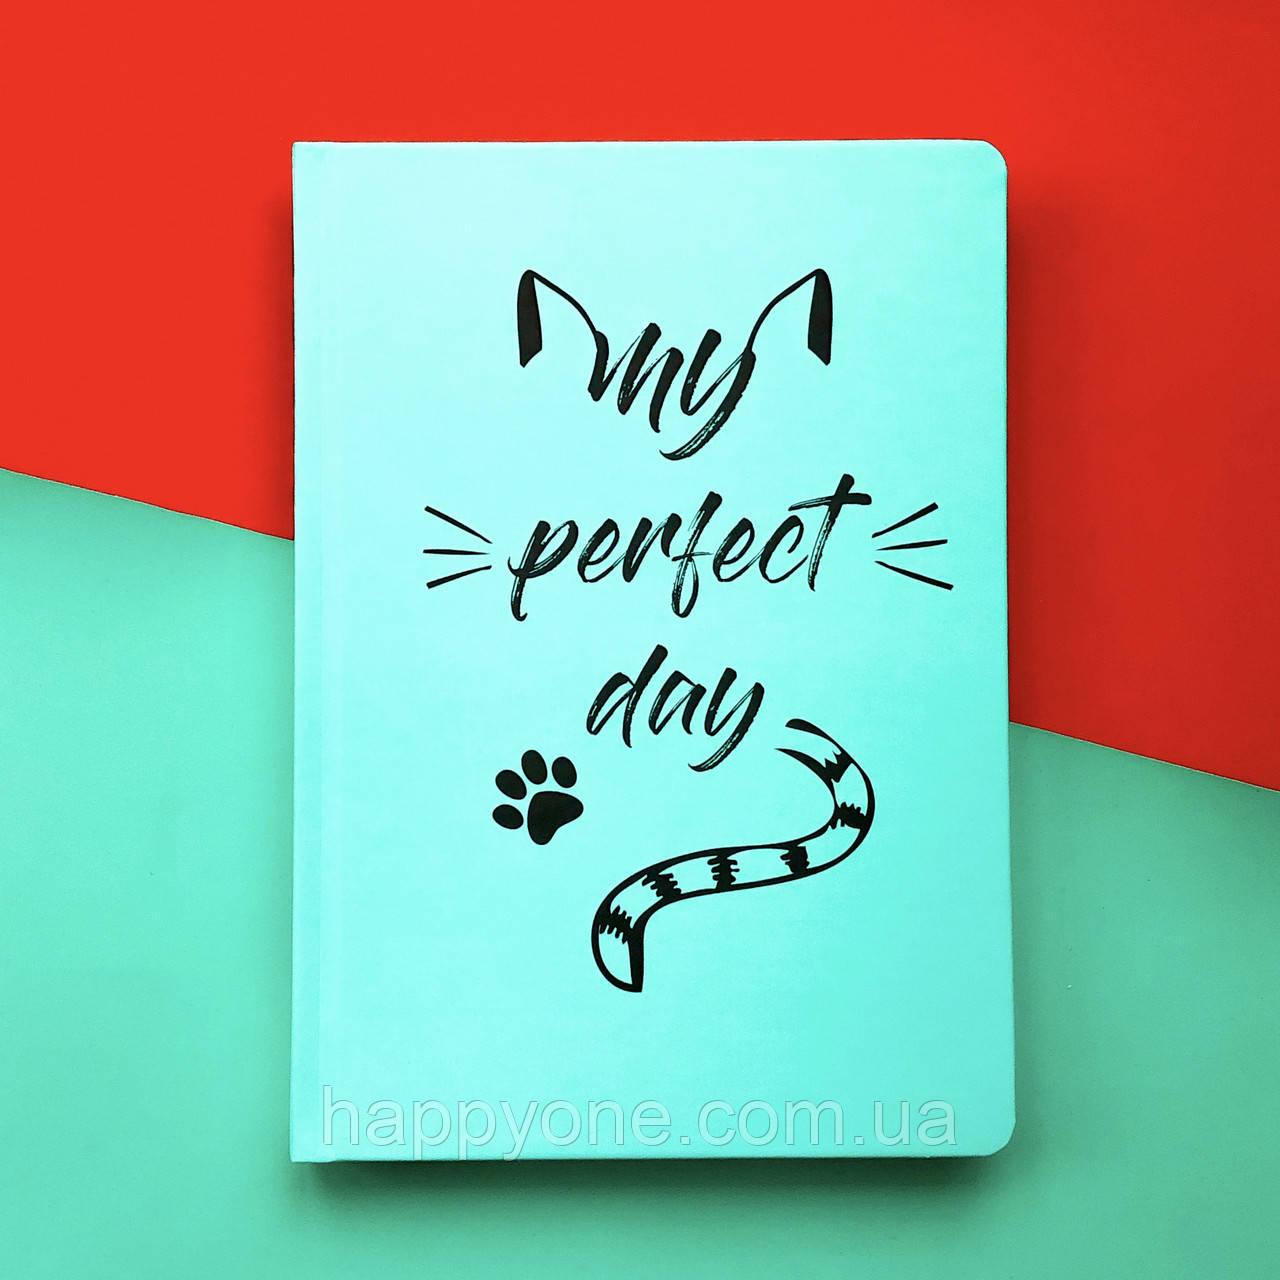 Недатированный дневник Diary My perfect day мятный (украинский язык)